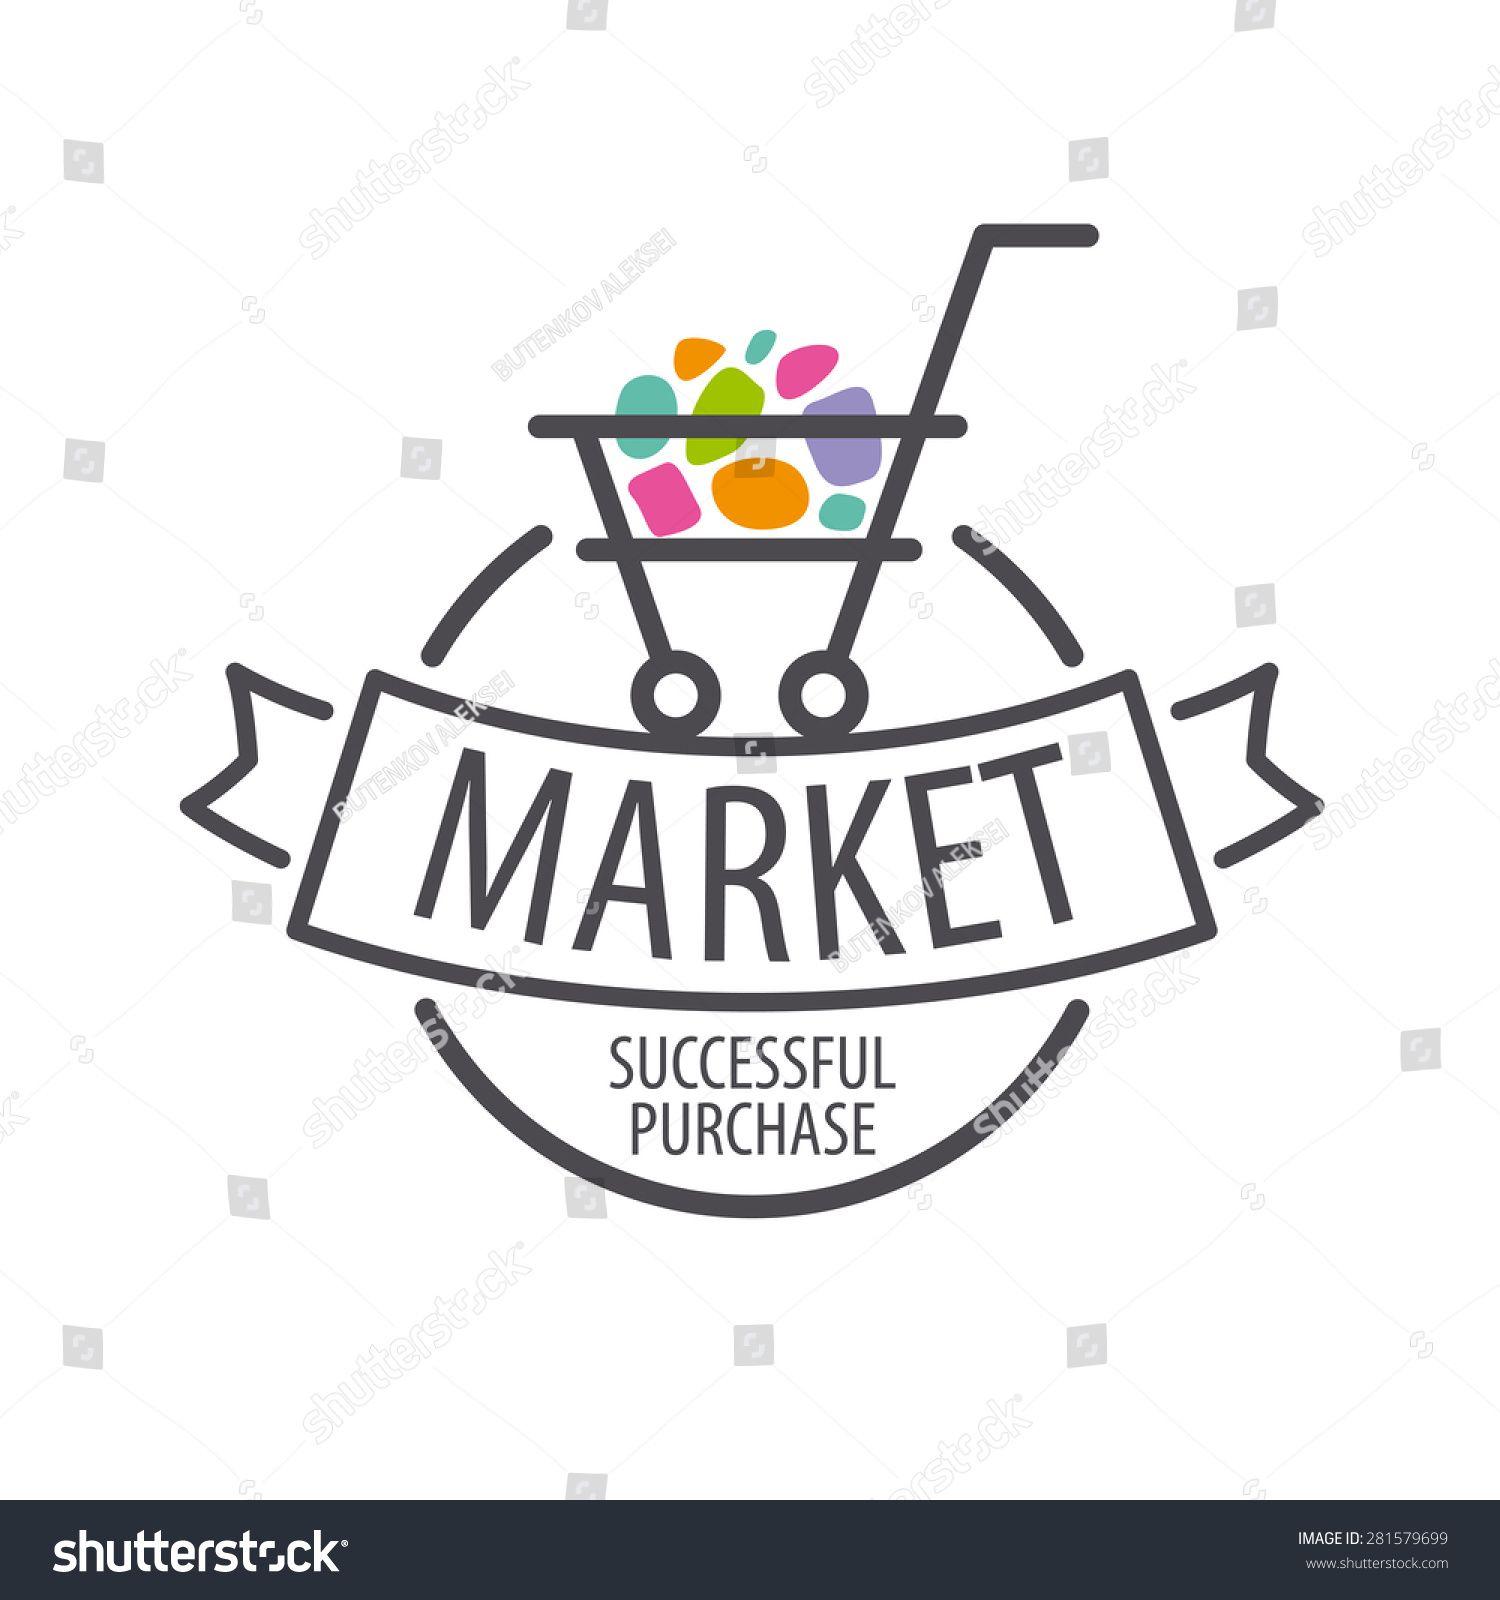 Round Vector Logo Shopping Cart Shop Logo Design Grocery Store Design Logo Design Free Templates